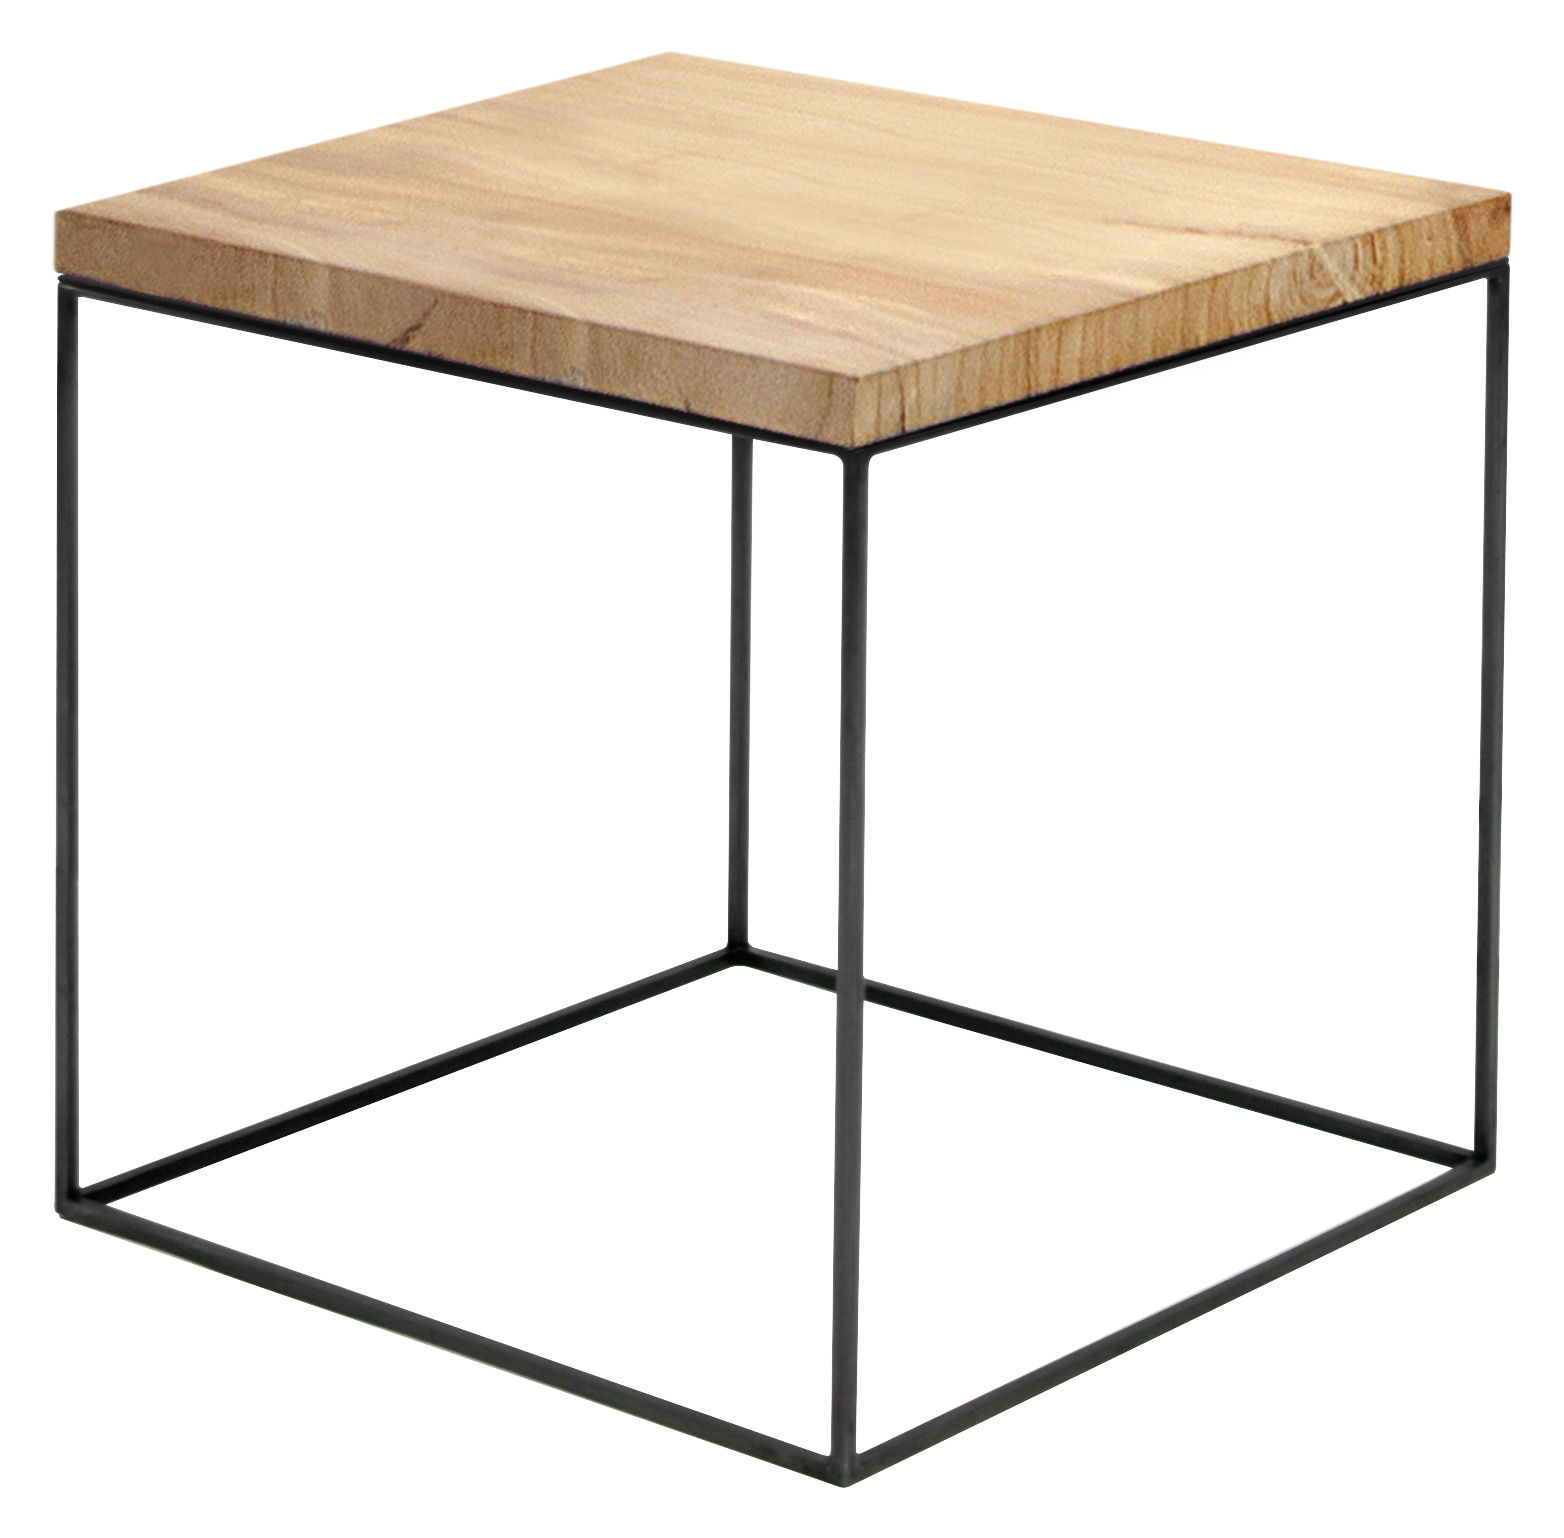 Mobilier - Tables basses - Table basse Slim Irony / 41 x 41 x H 46 cm - Zeus - Bois / Pied noir cuivré - Acier